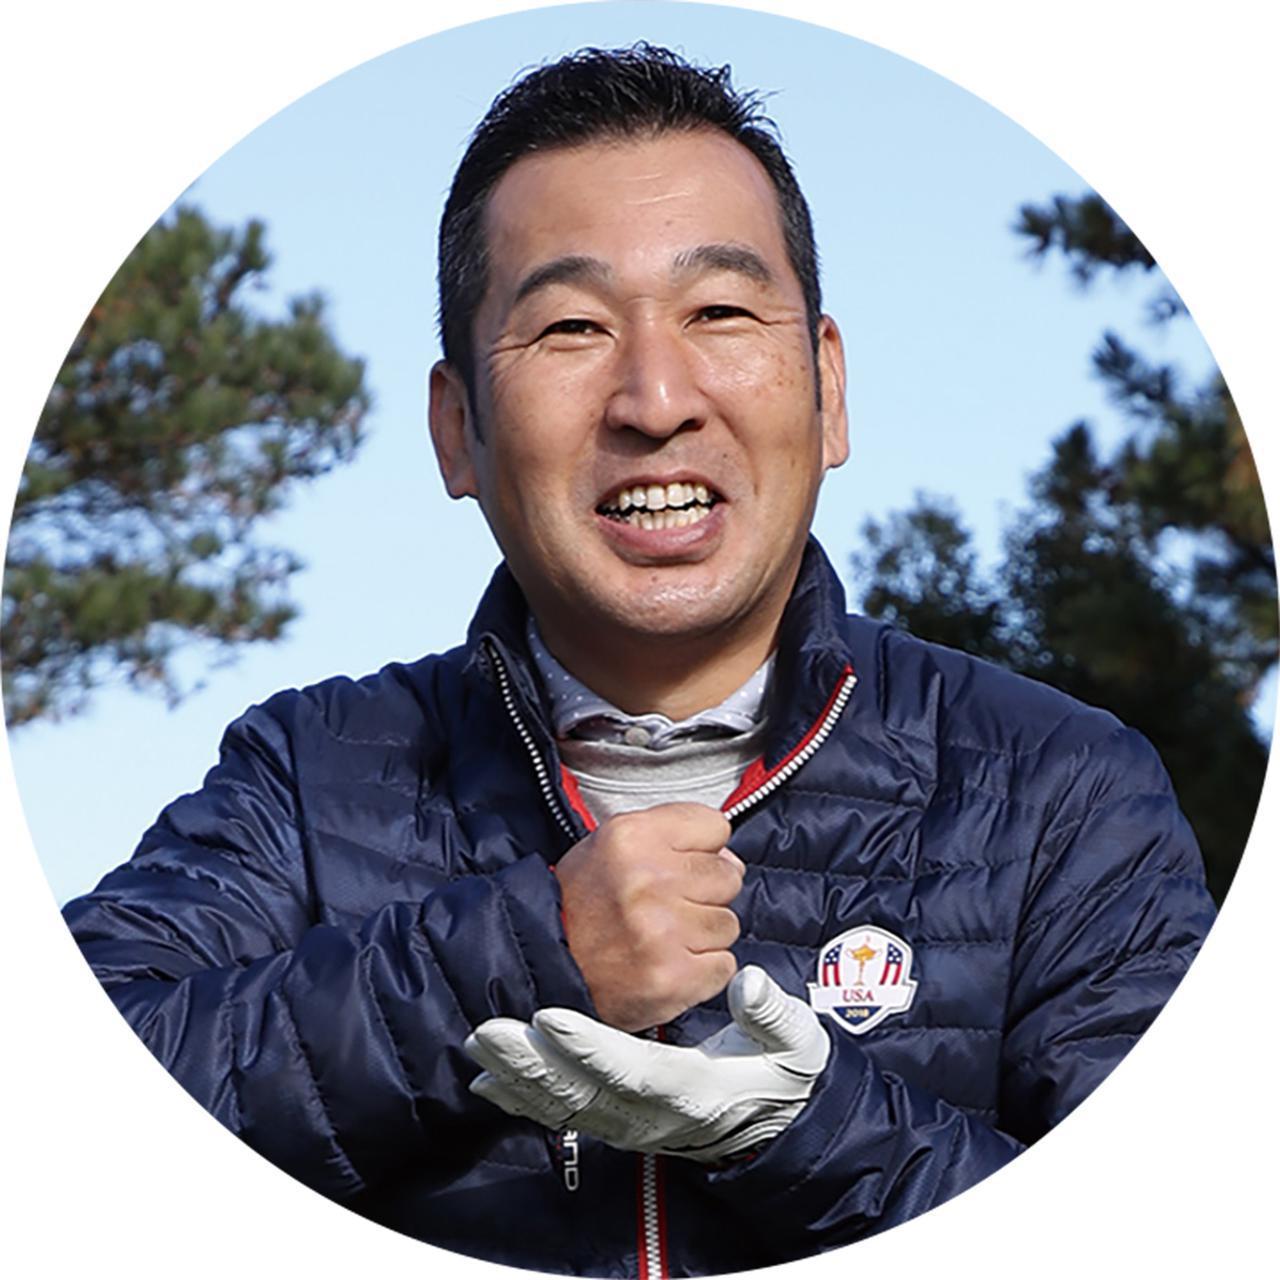 画像: 今まで……スタートホールが苦手だった!? アマチュアゴルファーの稲田さん ※稲田さんはアマチュアのため、ボランティアとしてご協力いただきました